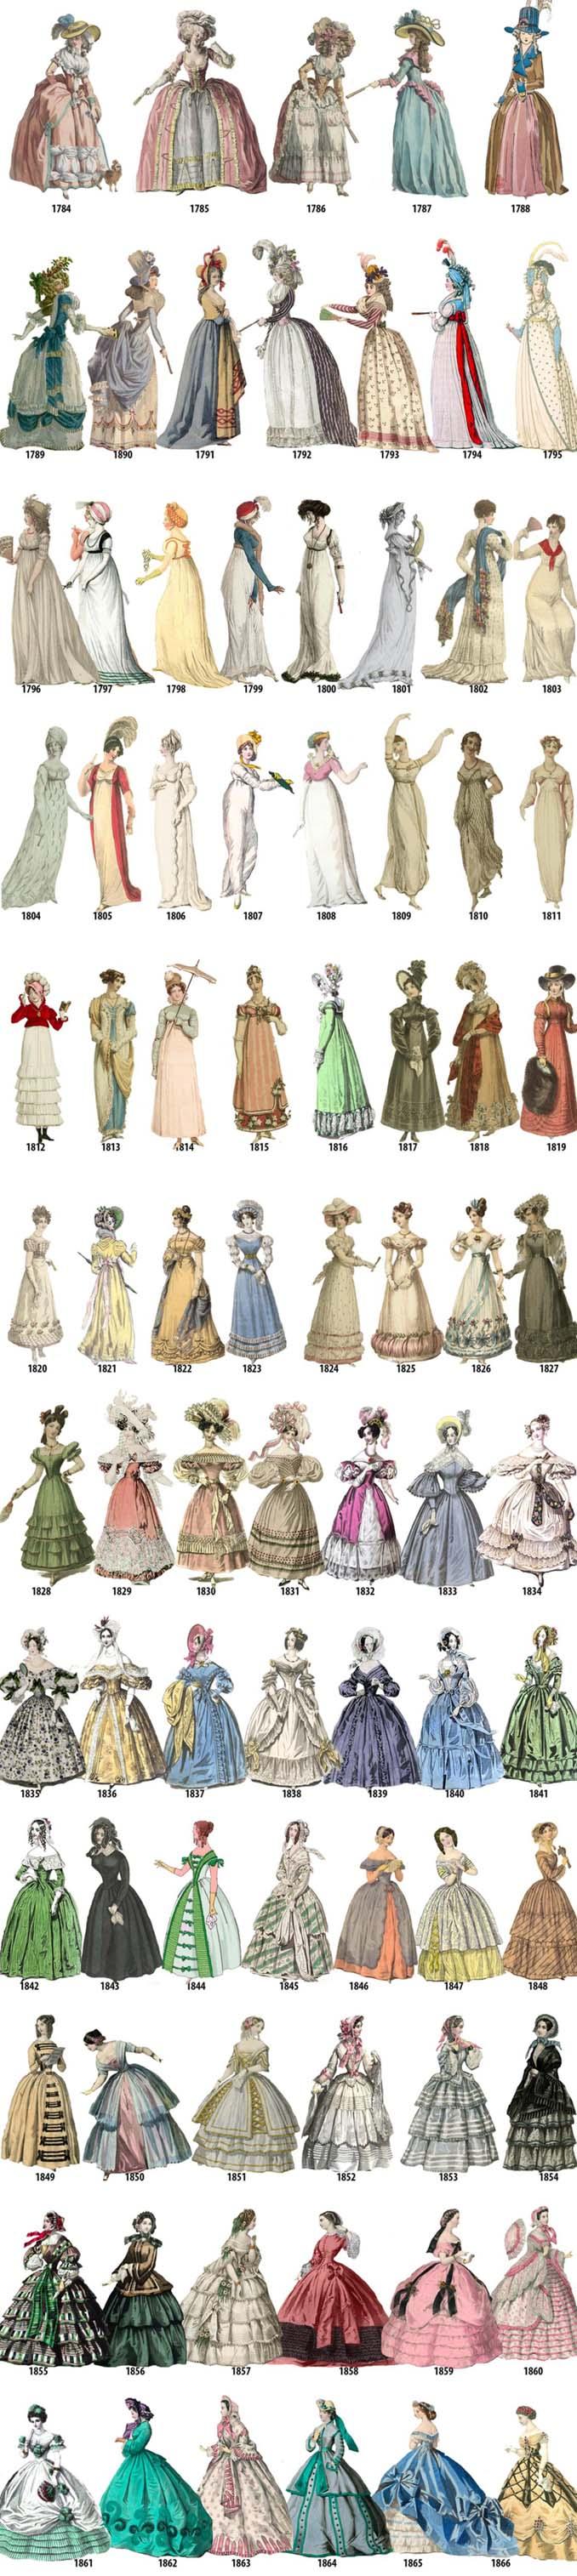 Η εξέλιξη της γυναικείας μόδας από το 1784 μέχρι το 1970 μέσα από μια σειρά σκίτσων (1)